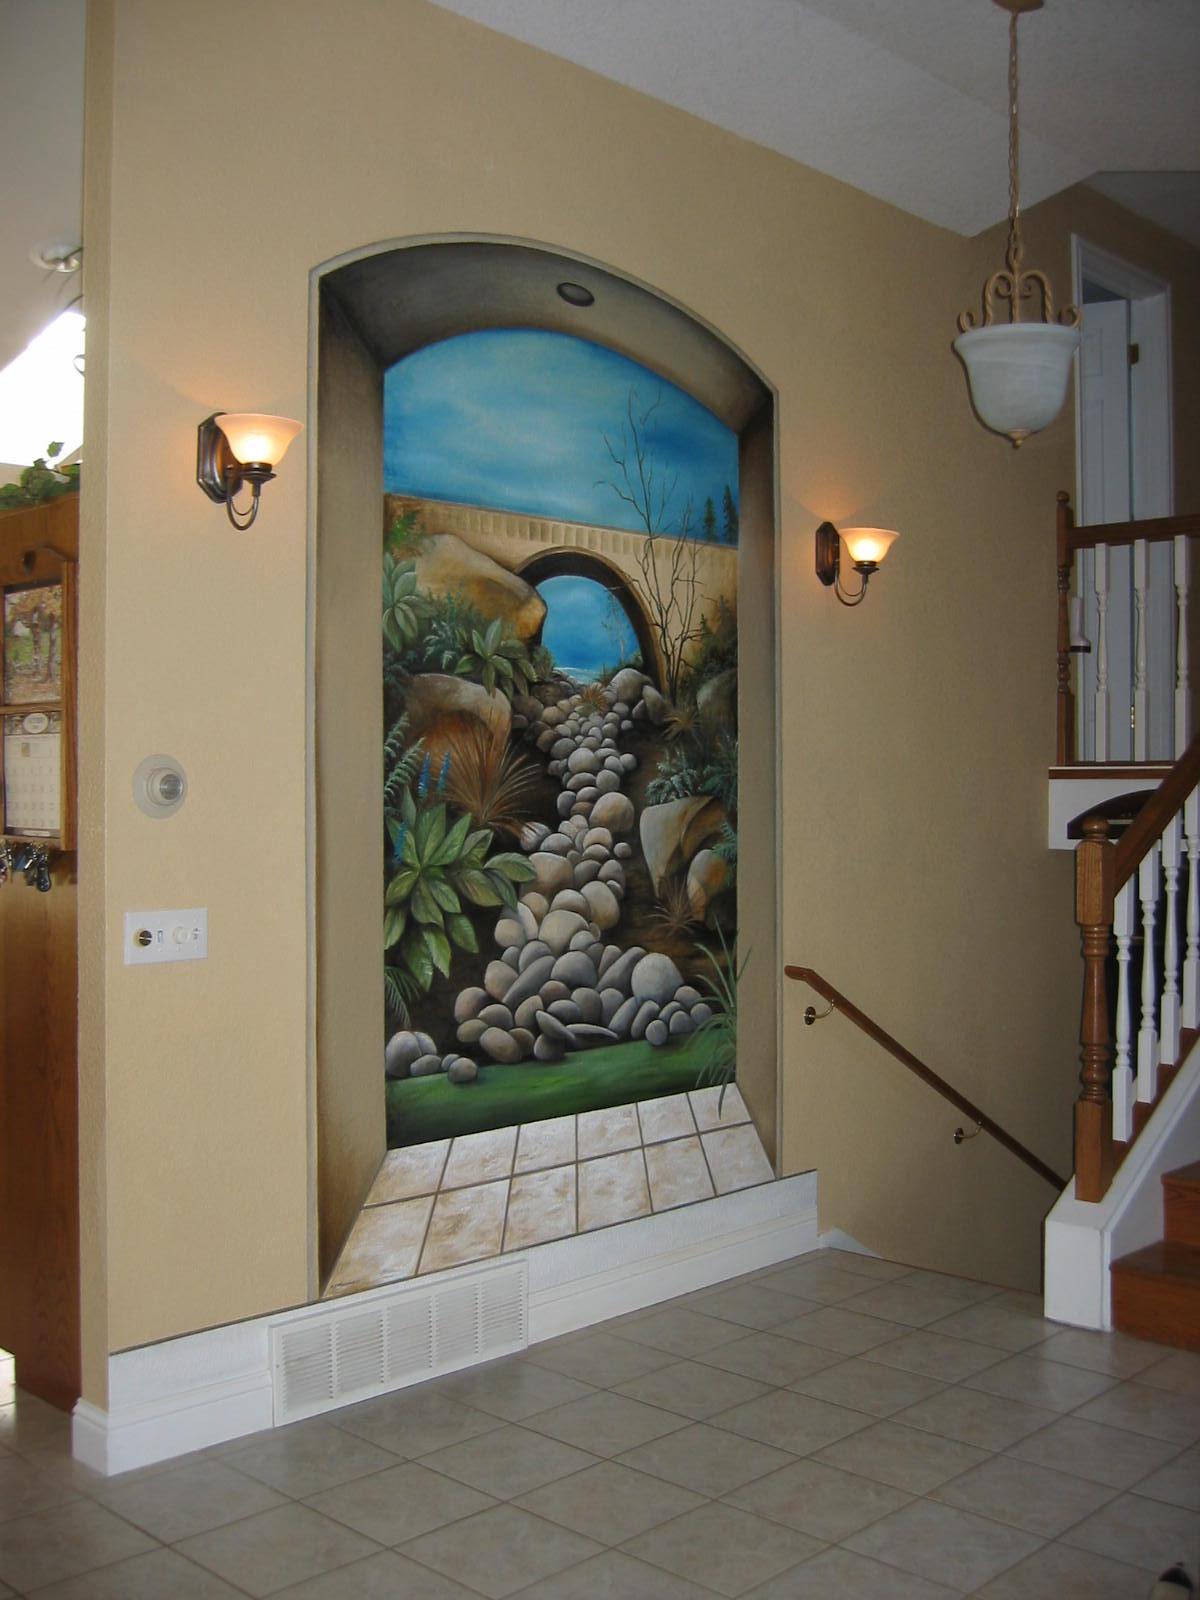 بالصور فن الرسم علي الجدران , رسومات للحائط جميلة 9577